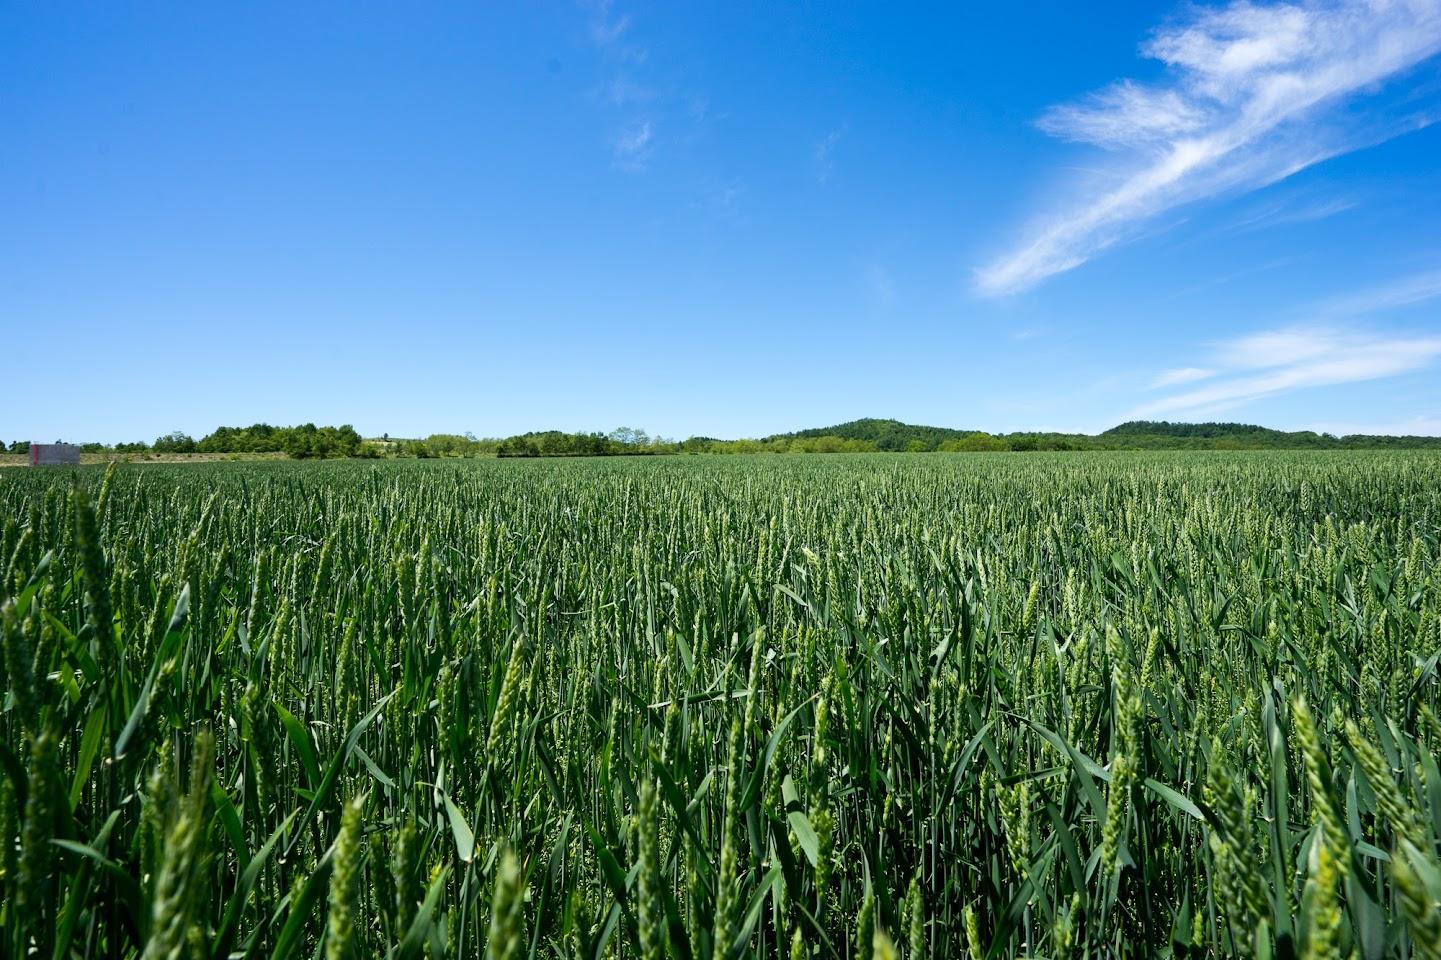 緑濃い麦畑